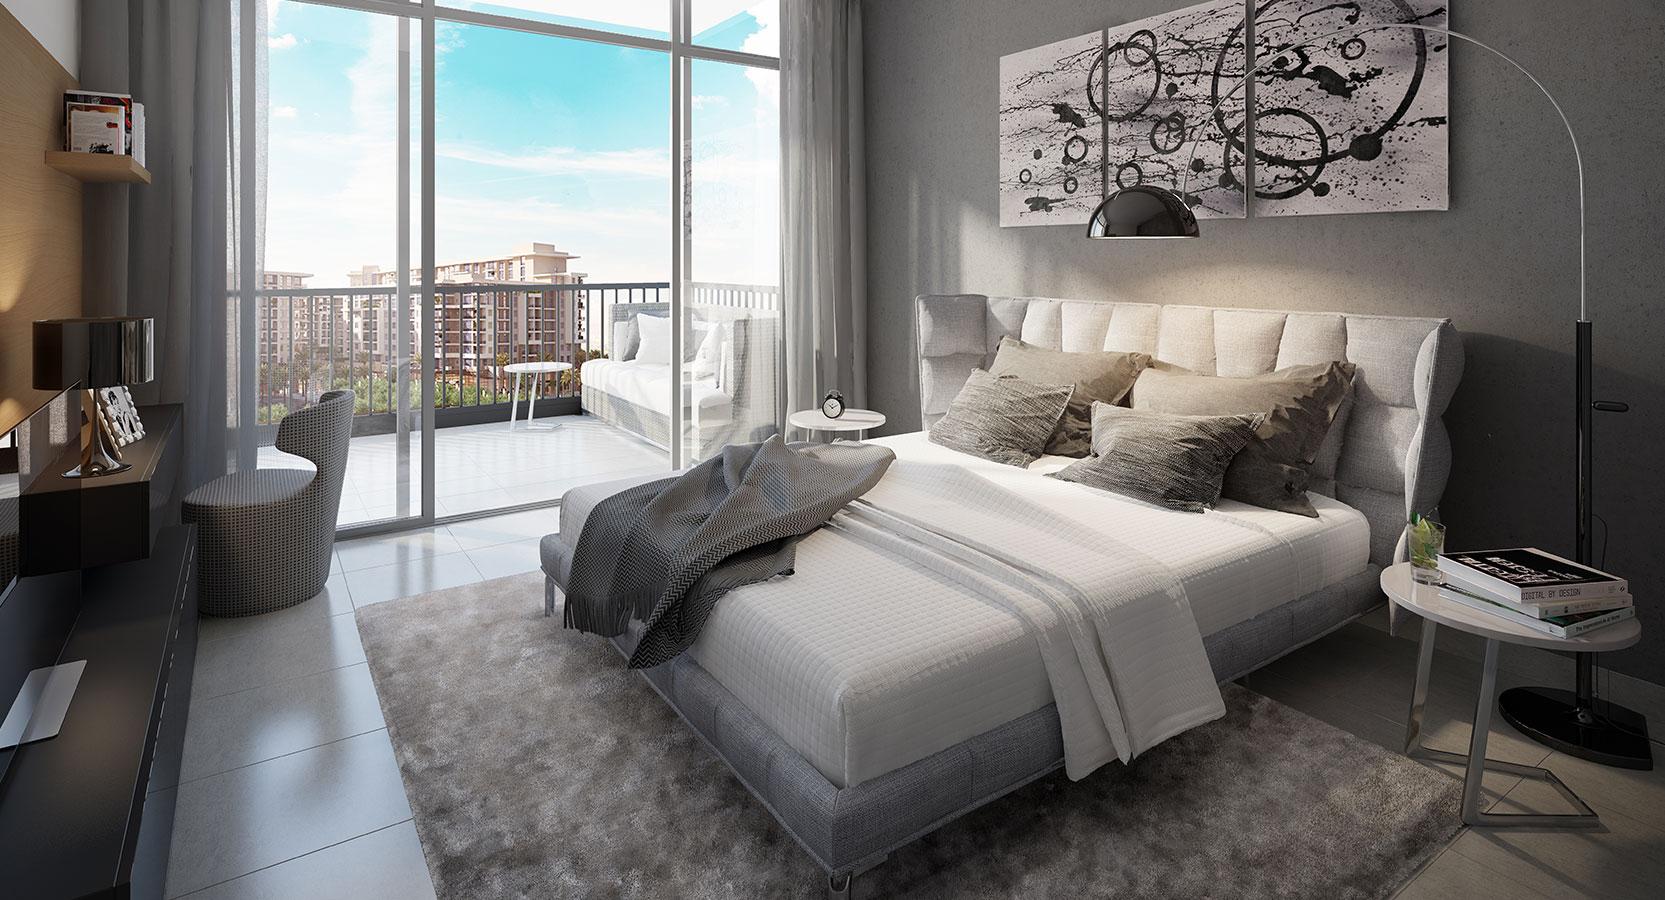 مجمع جنة ، غرفة نوم | المرسال